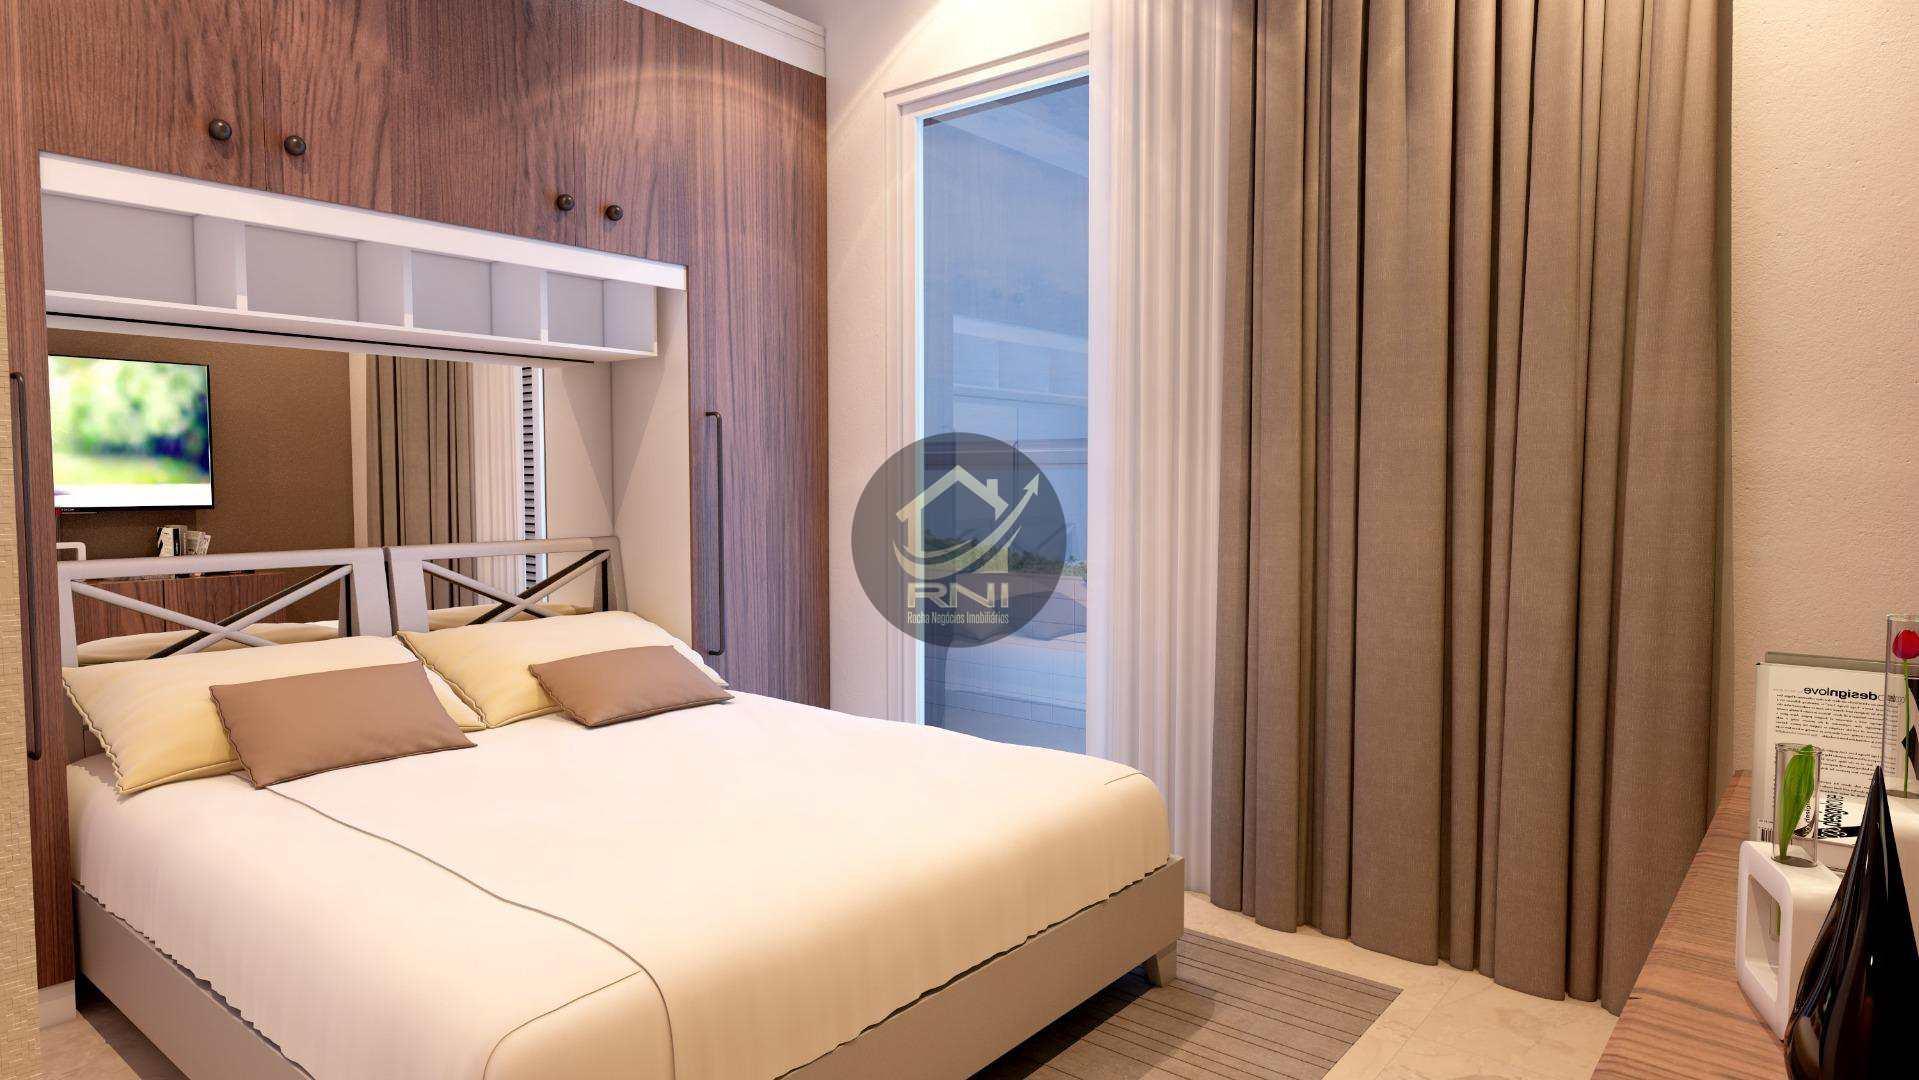 Apartamento com 2 dormitórios à venda, 71 m² por R$ 348.469,37 - Vila Guilhermina - Praia Grande/SP